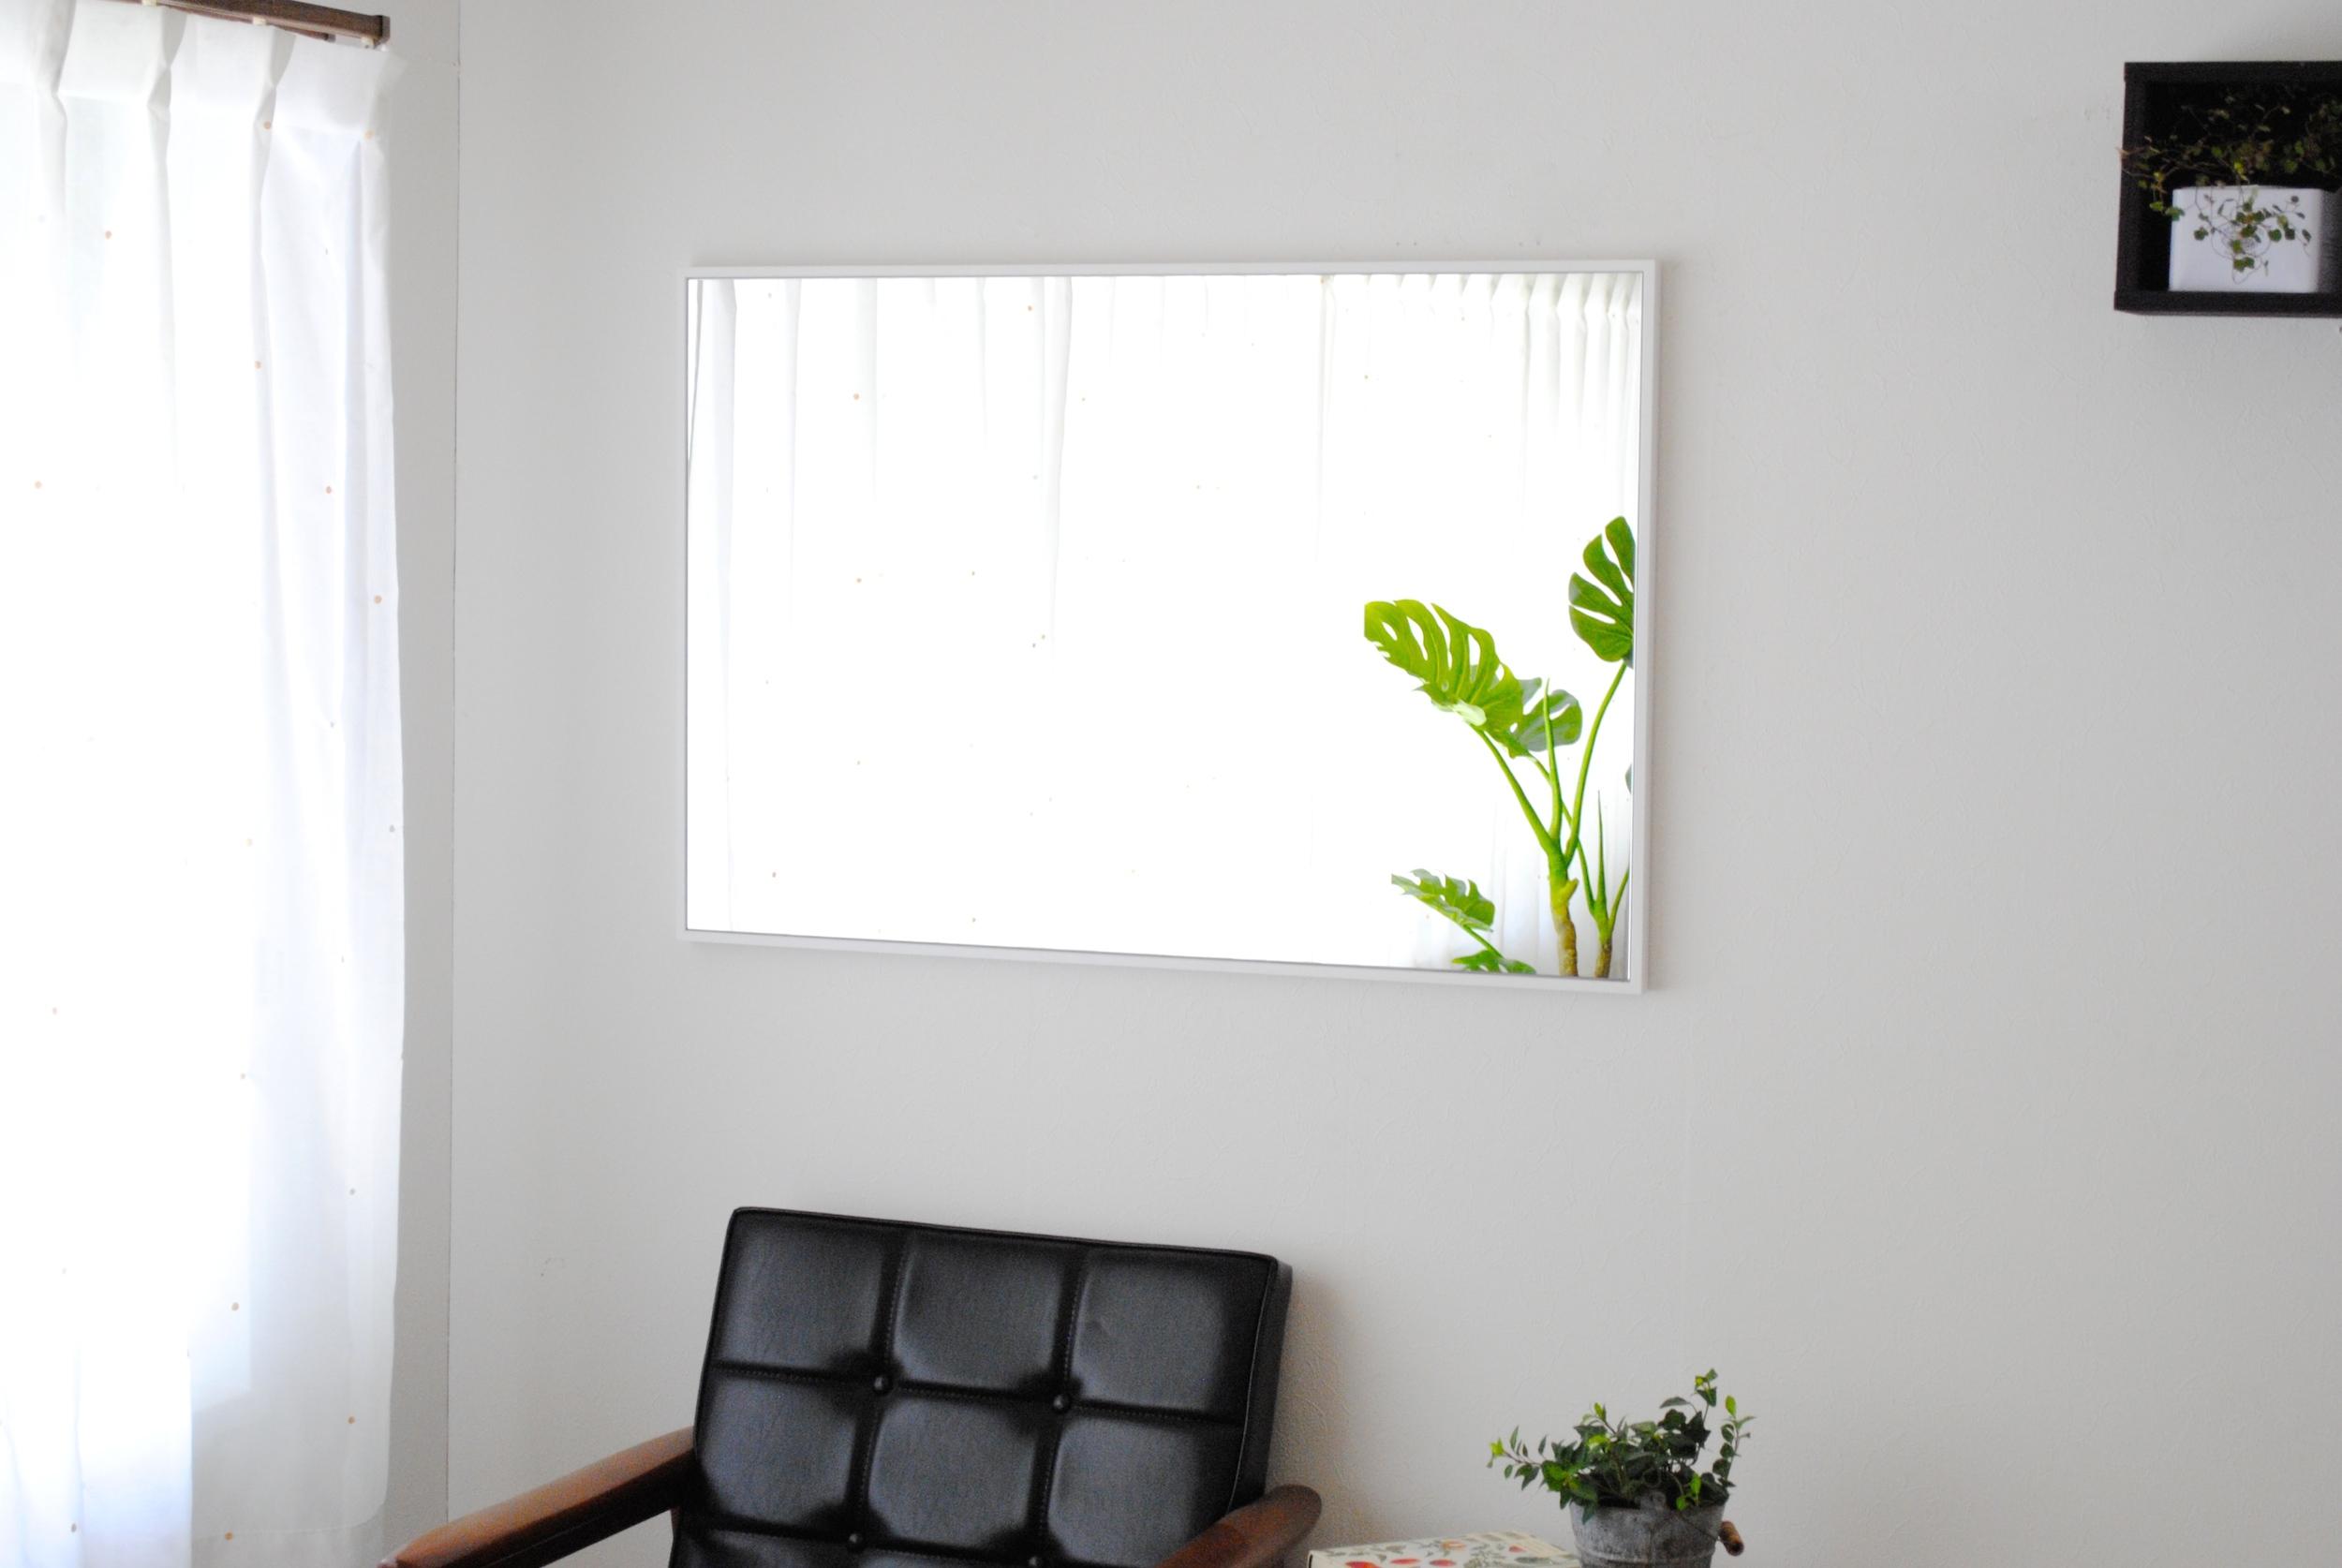 リブラ 62x92cm 全11色 姿見 壁掛けミラー 長方形 (通常便商品)